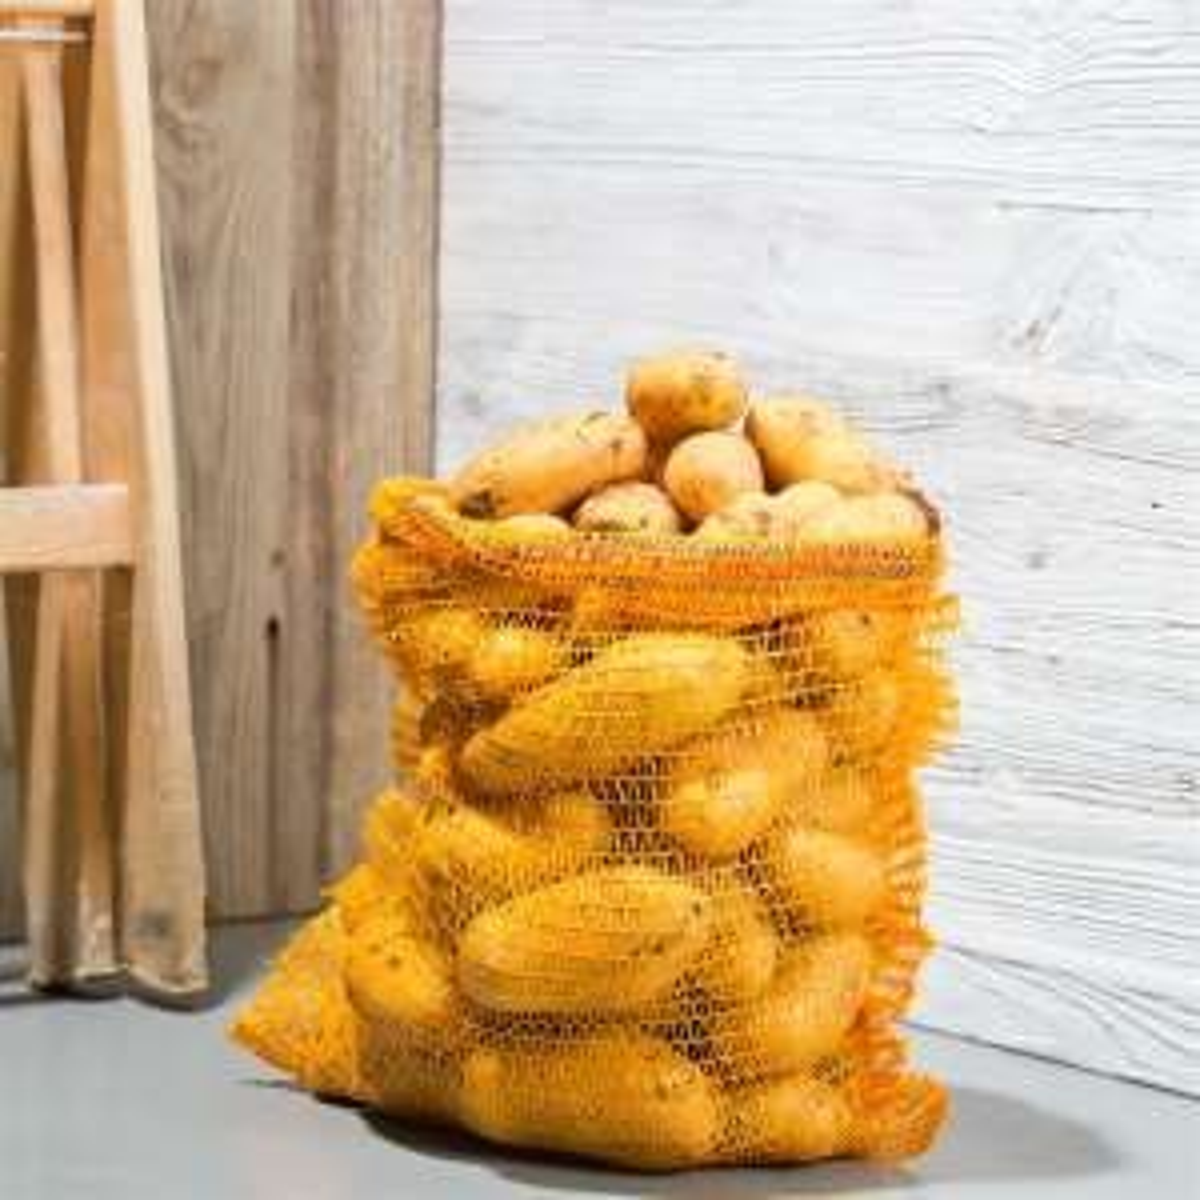 Lot de 10kg de pomme de terre, différentes variétés, origine France